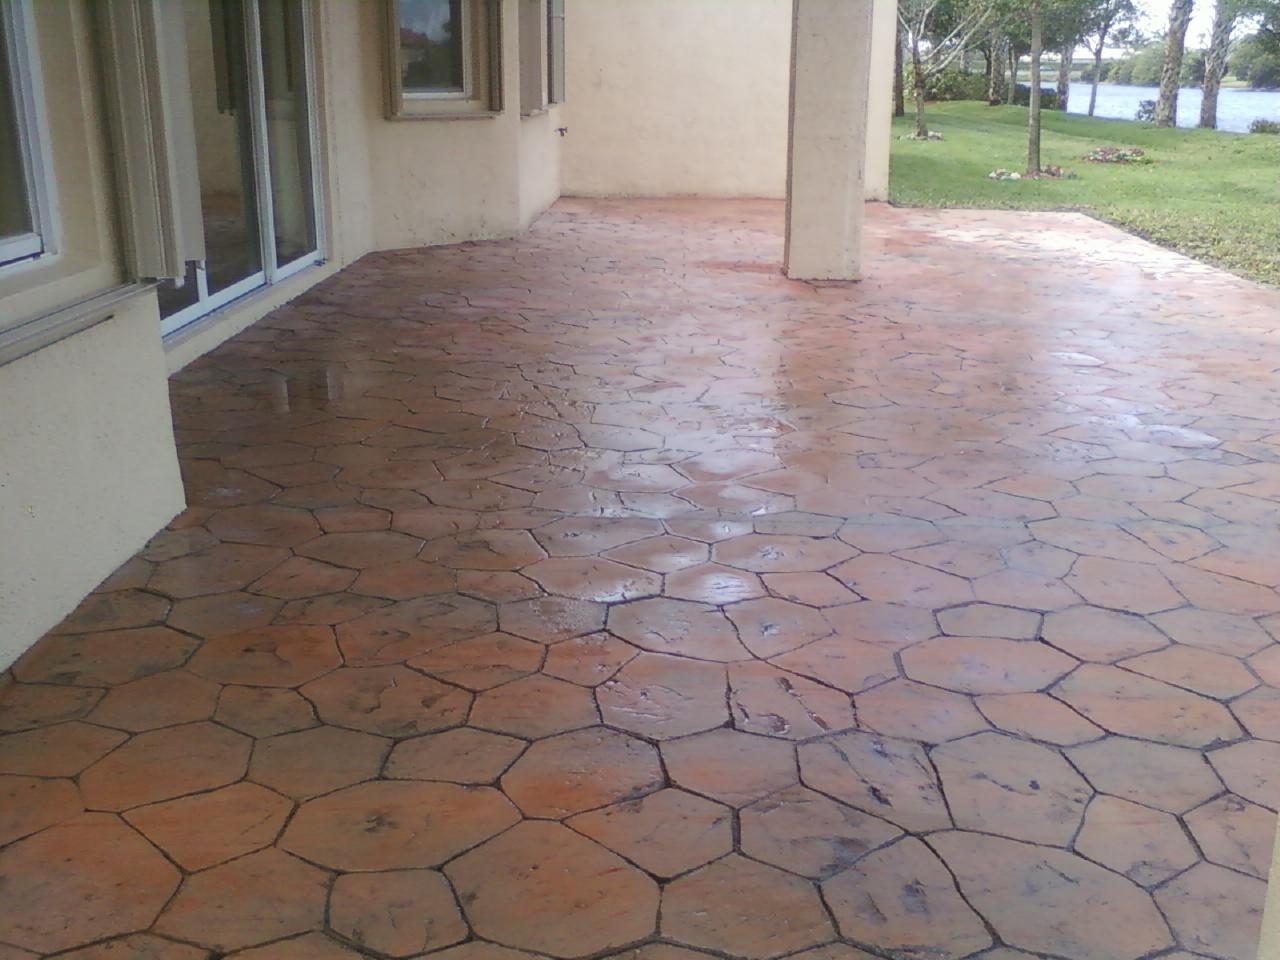 Tesko Lanka Tiles Negombo Tiles Designer Tiles In Negombo Outdoor Tiles Negombo Tesko Tiles Negombo Outdoor Designer Tiles In Negombo Srilanka Sri Lanka Business